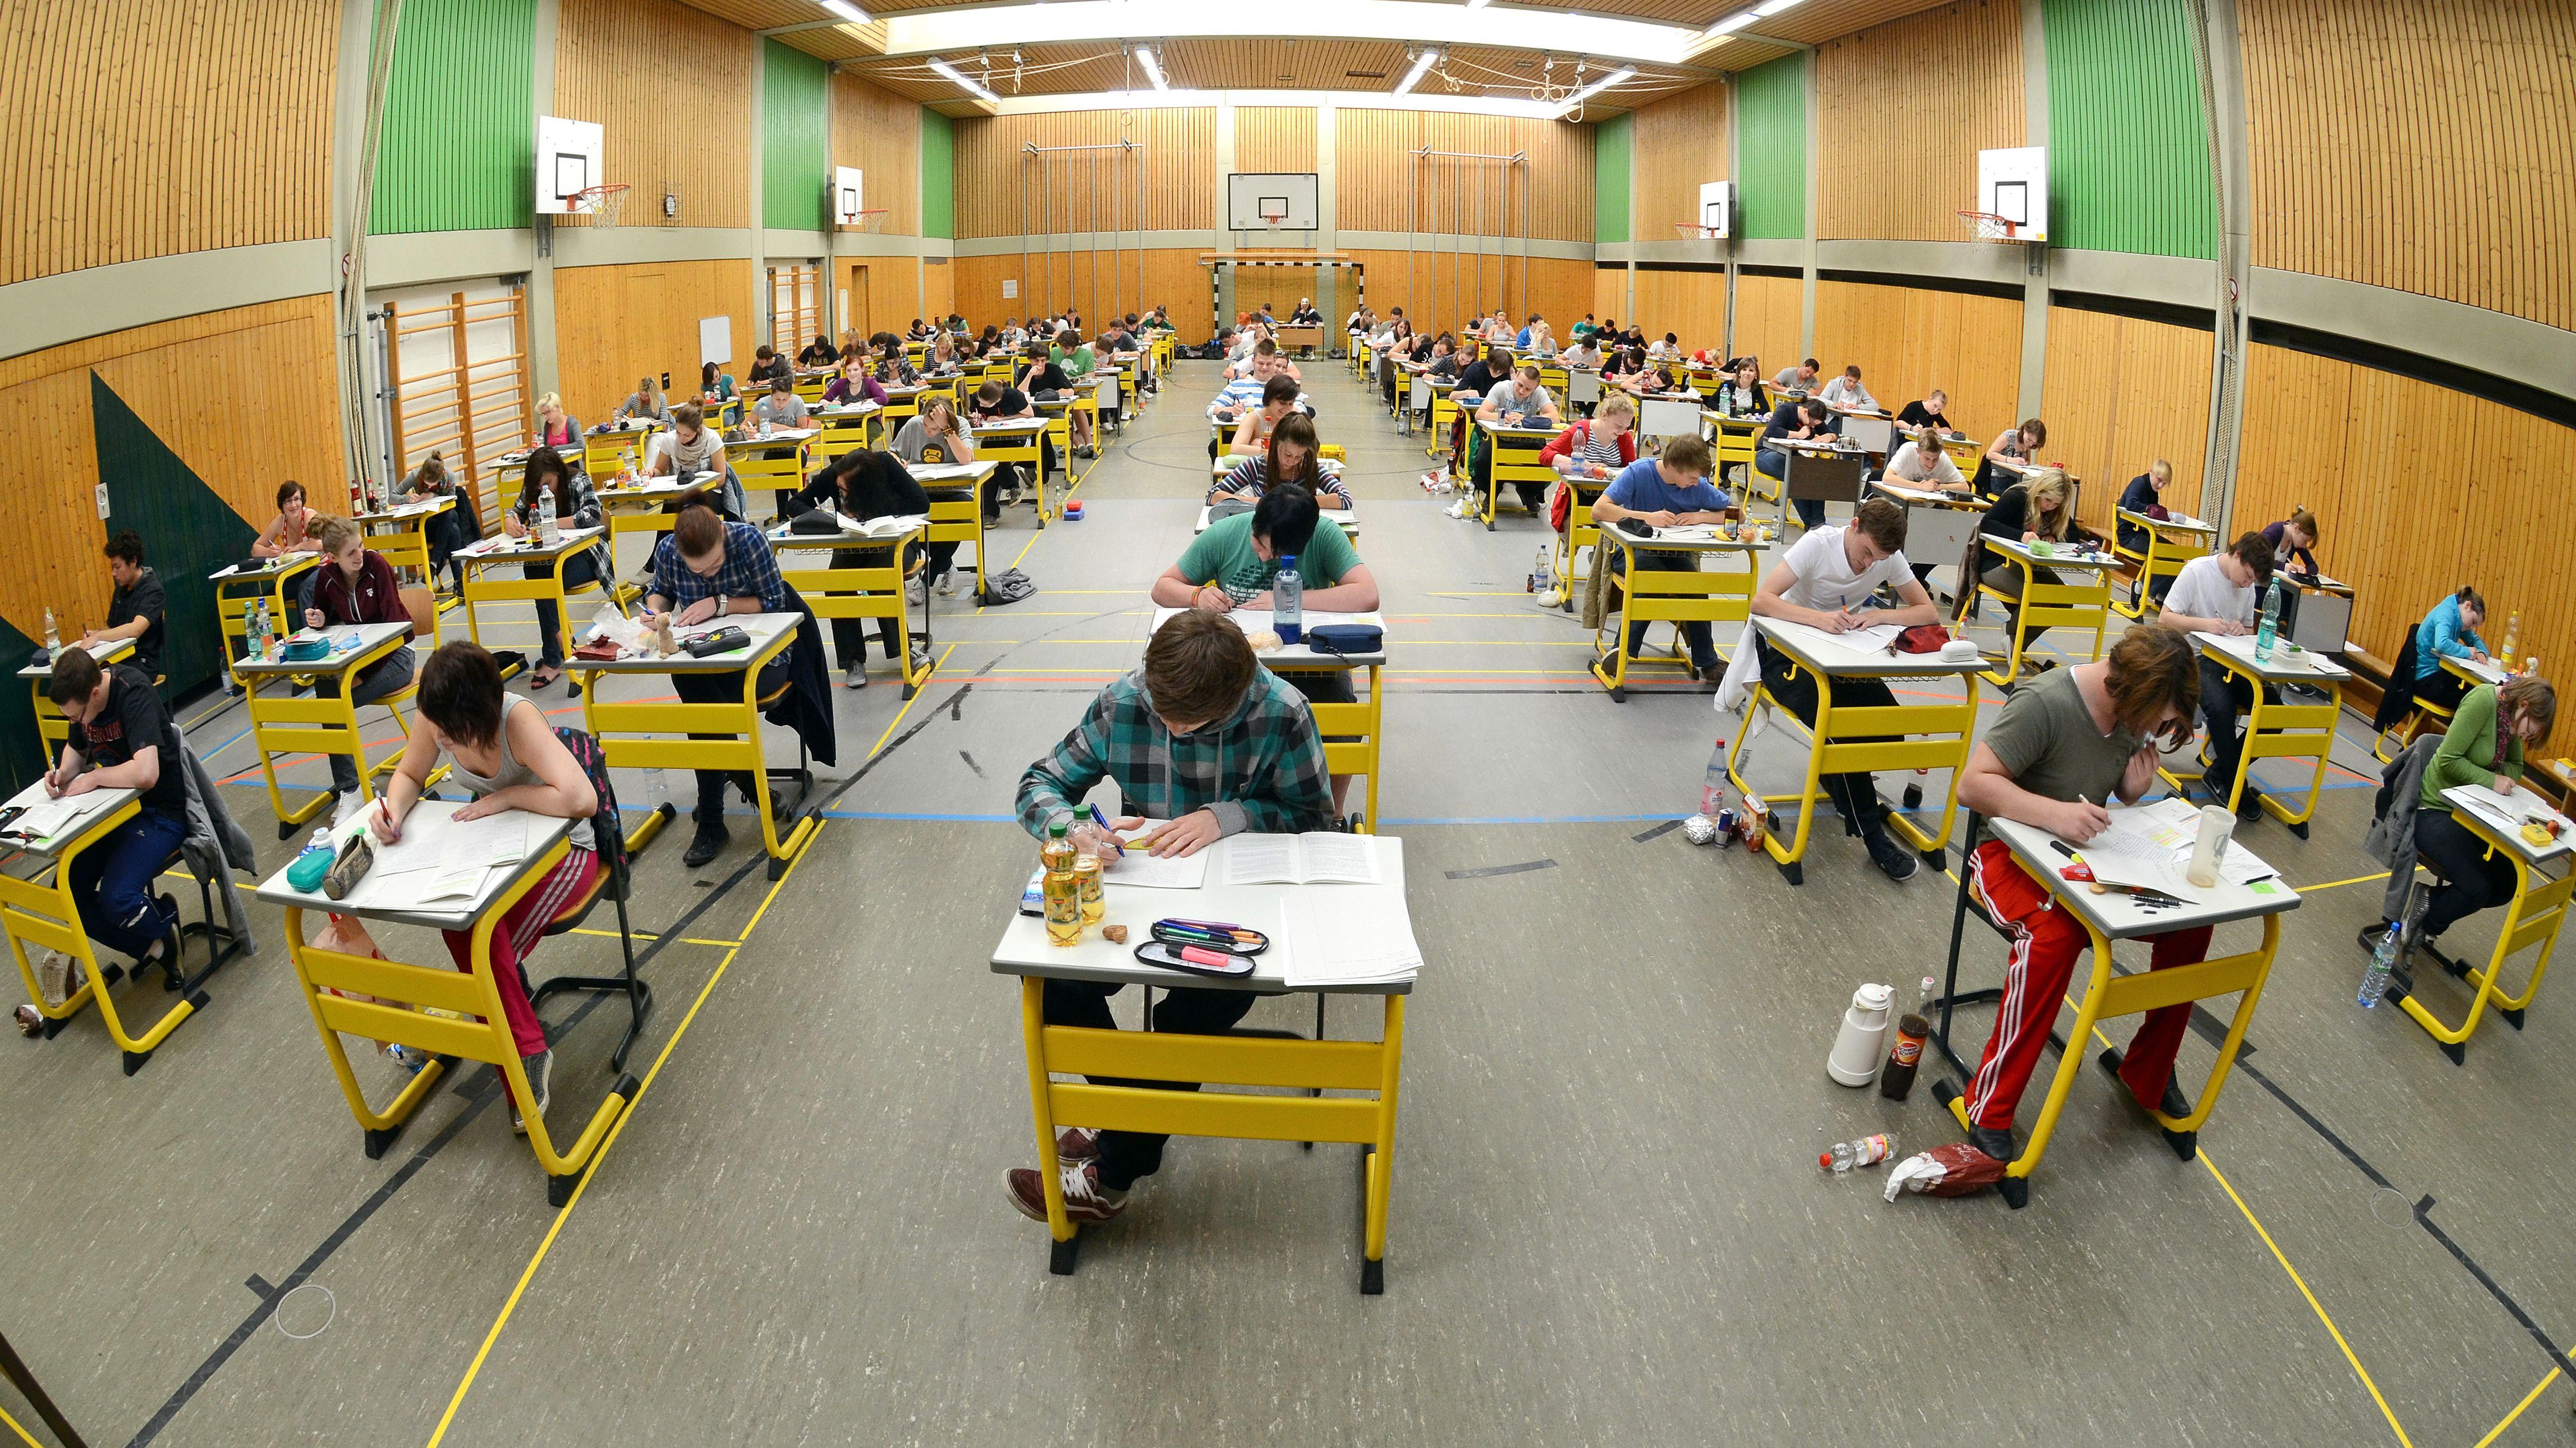 Abiturienten bei der Prüfung in Straubing (Archivbild)